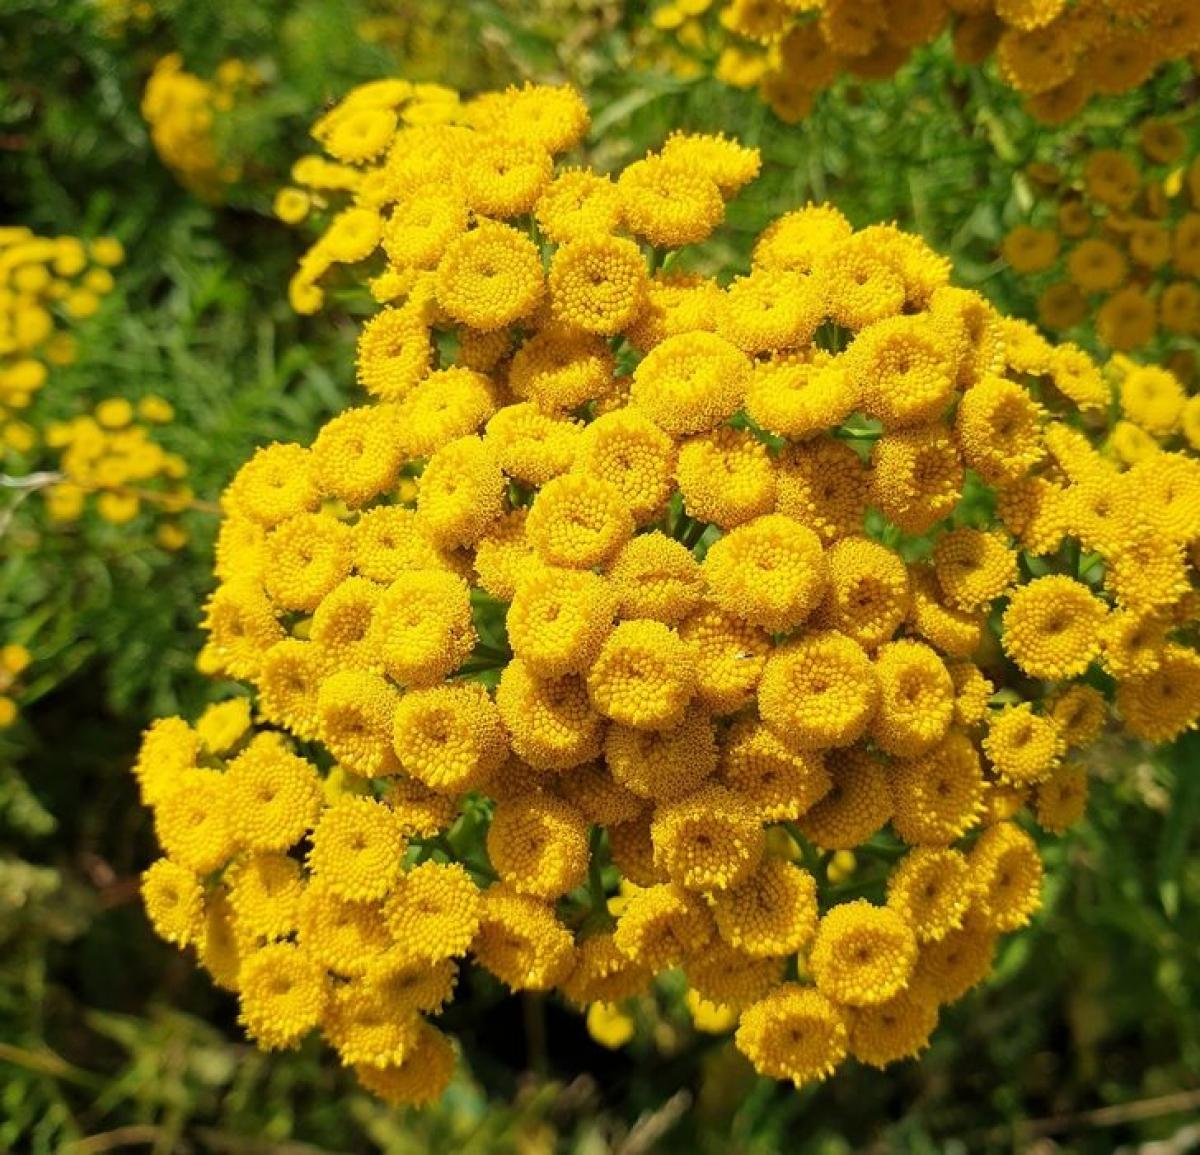 Với những bông hoa màu vàng tươi,cúc hương ngải nổi tiếng với tác dụng đuổi ruồi.Bạn có thể chà xát lá lên da hoặc để trong nhà.Mùi thơm sẽ được tỏa ra và ruồi sẽ không vào nhà./